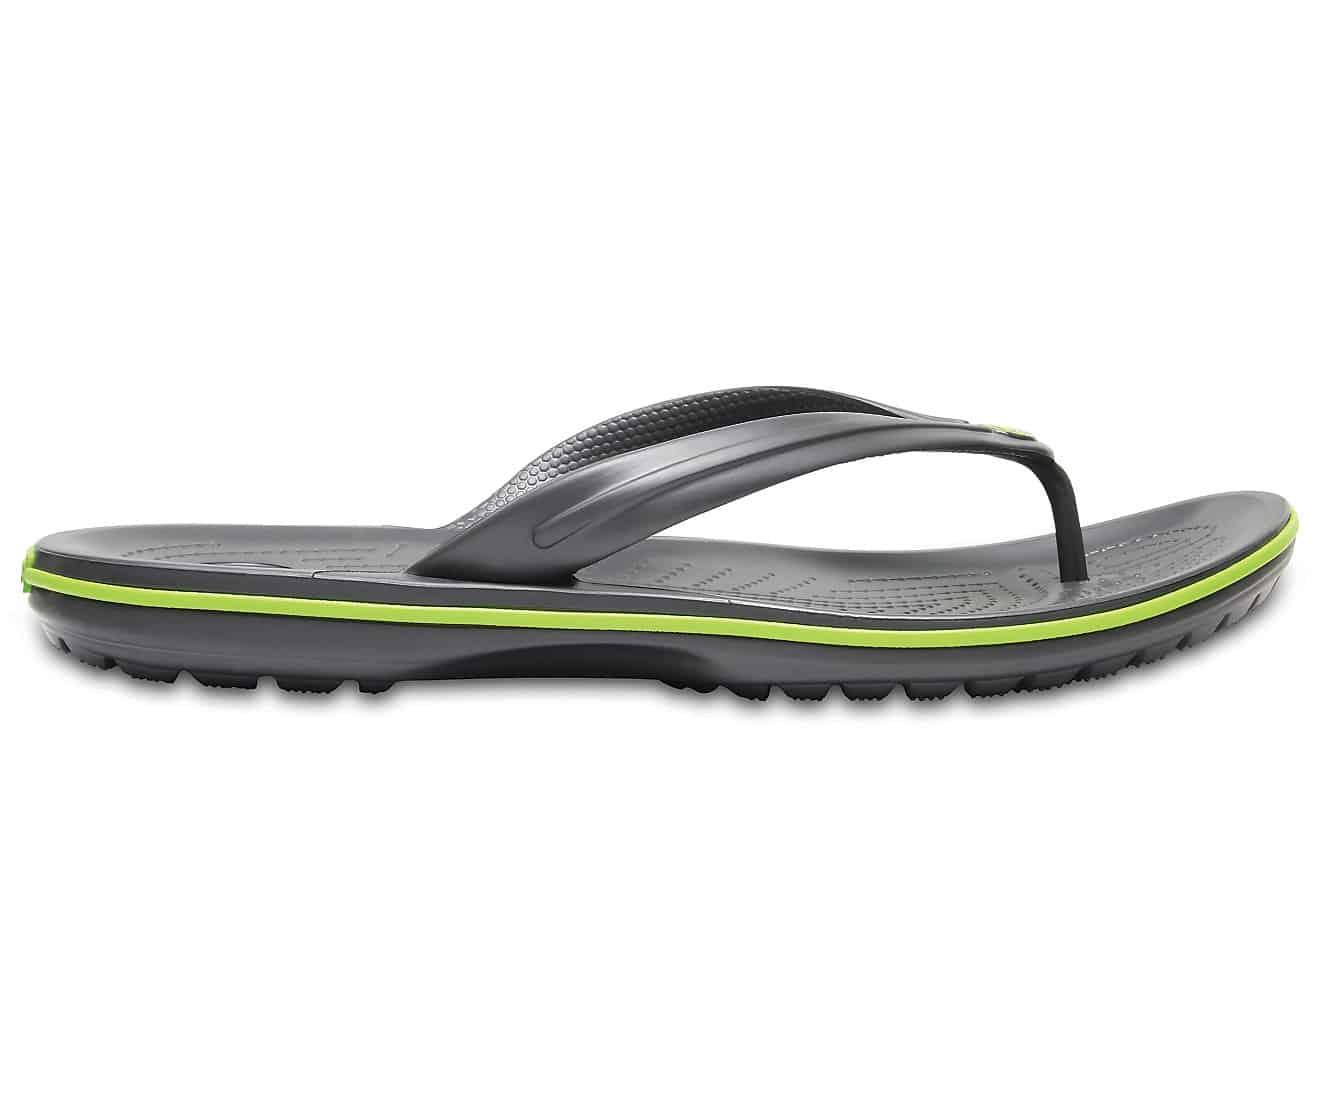 Crocs Crocband Flip Graphite Volt Green 11033 - 0A1